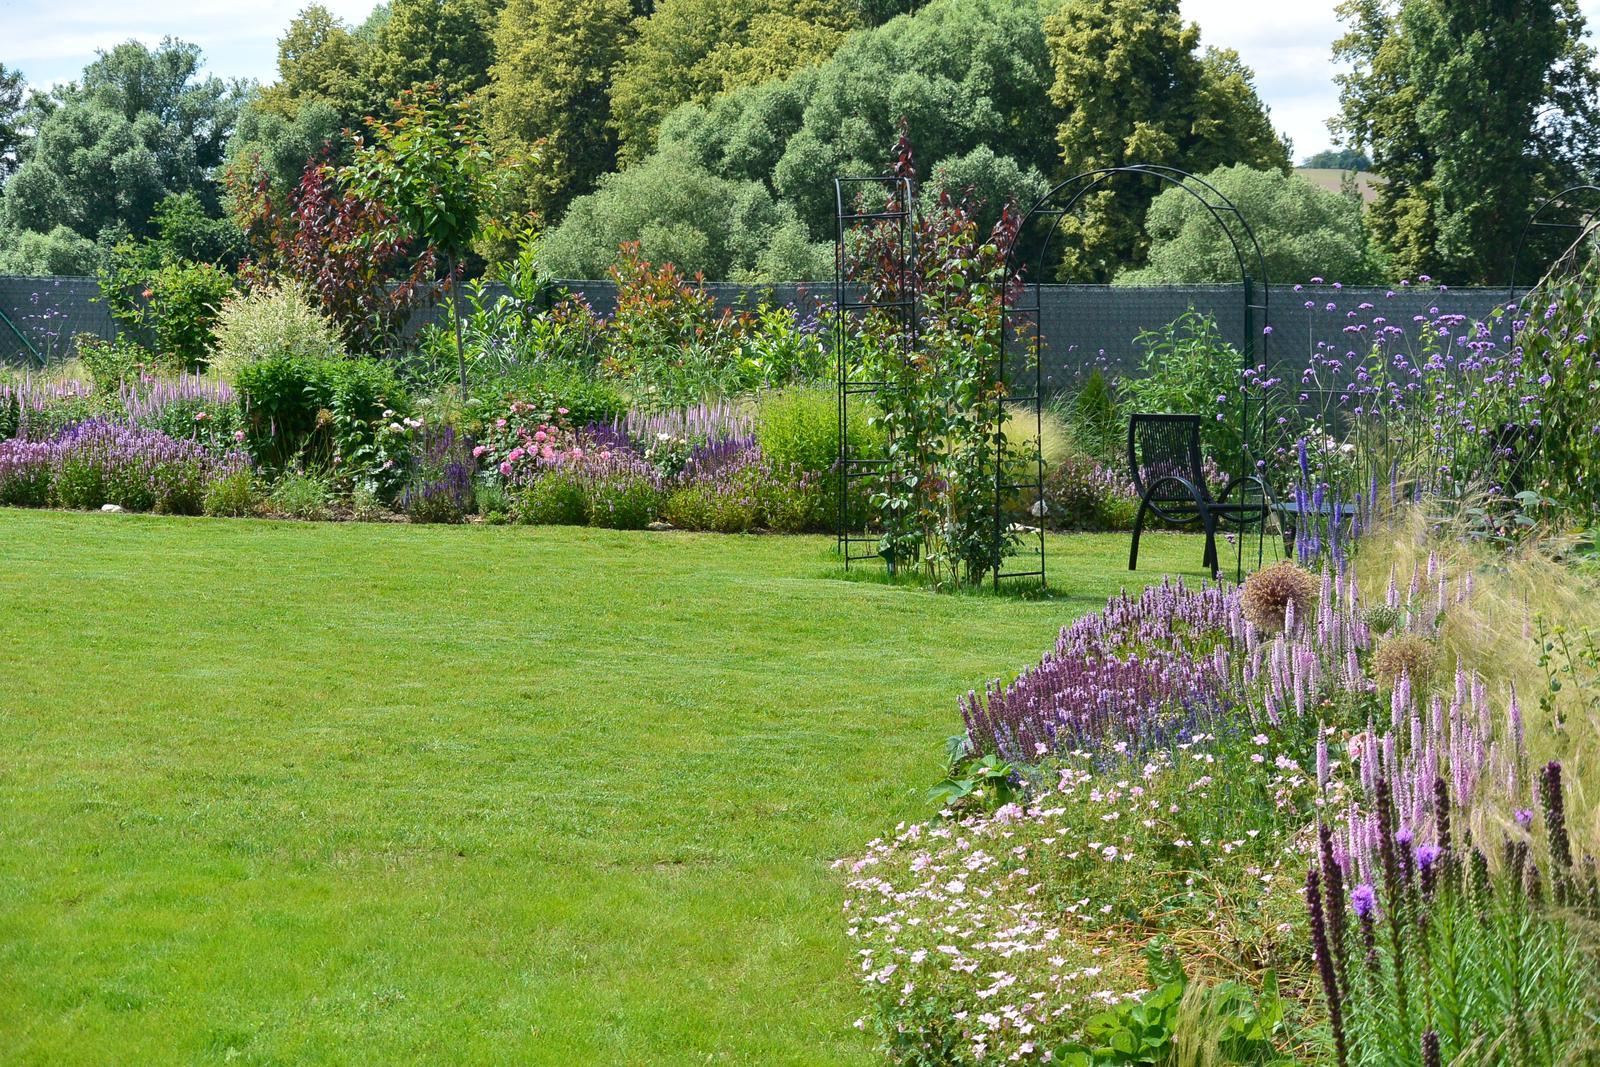 Motýlí zahrada 2019-2020 - I tráva konečně začíná být k světu.